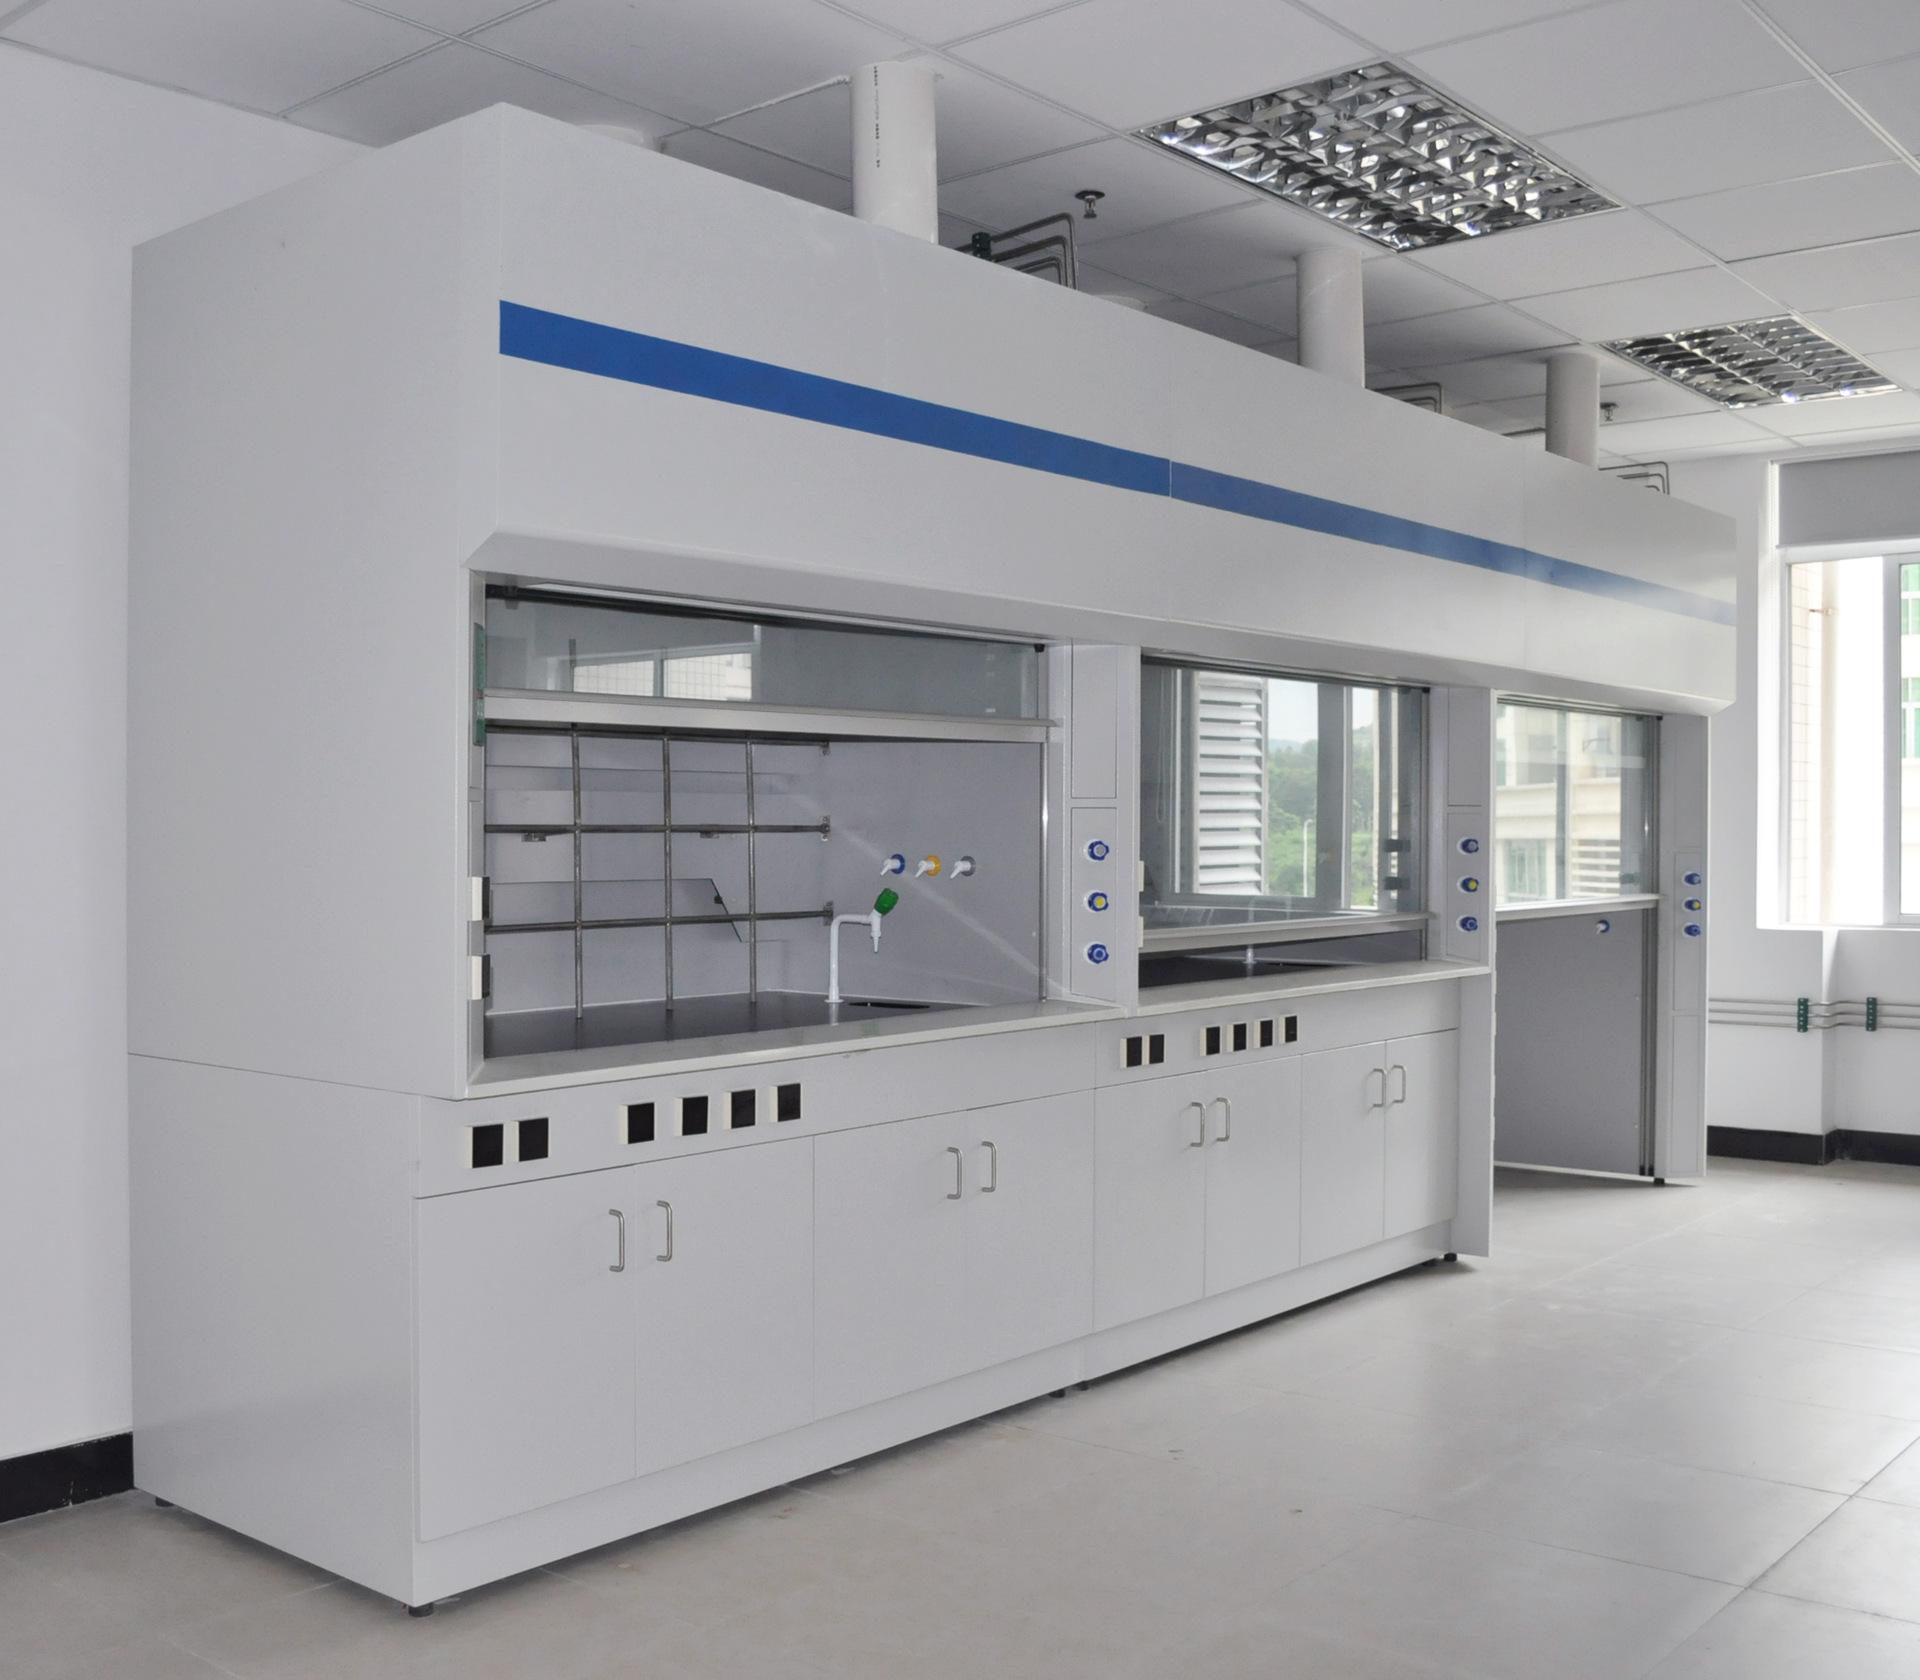 订制实验室家具找中诚,价格实惠,性价比高